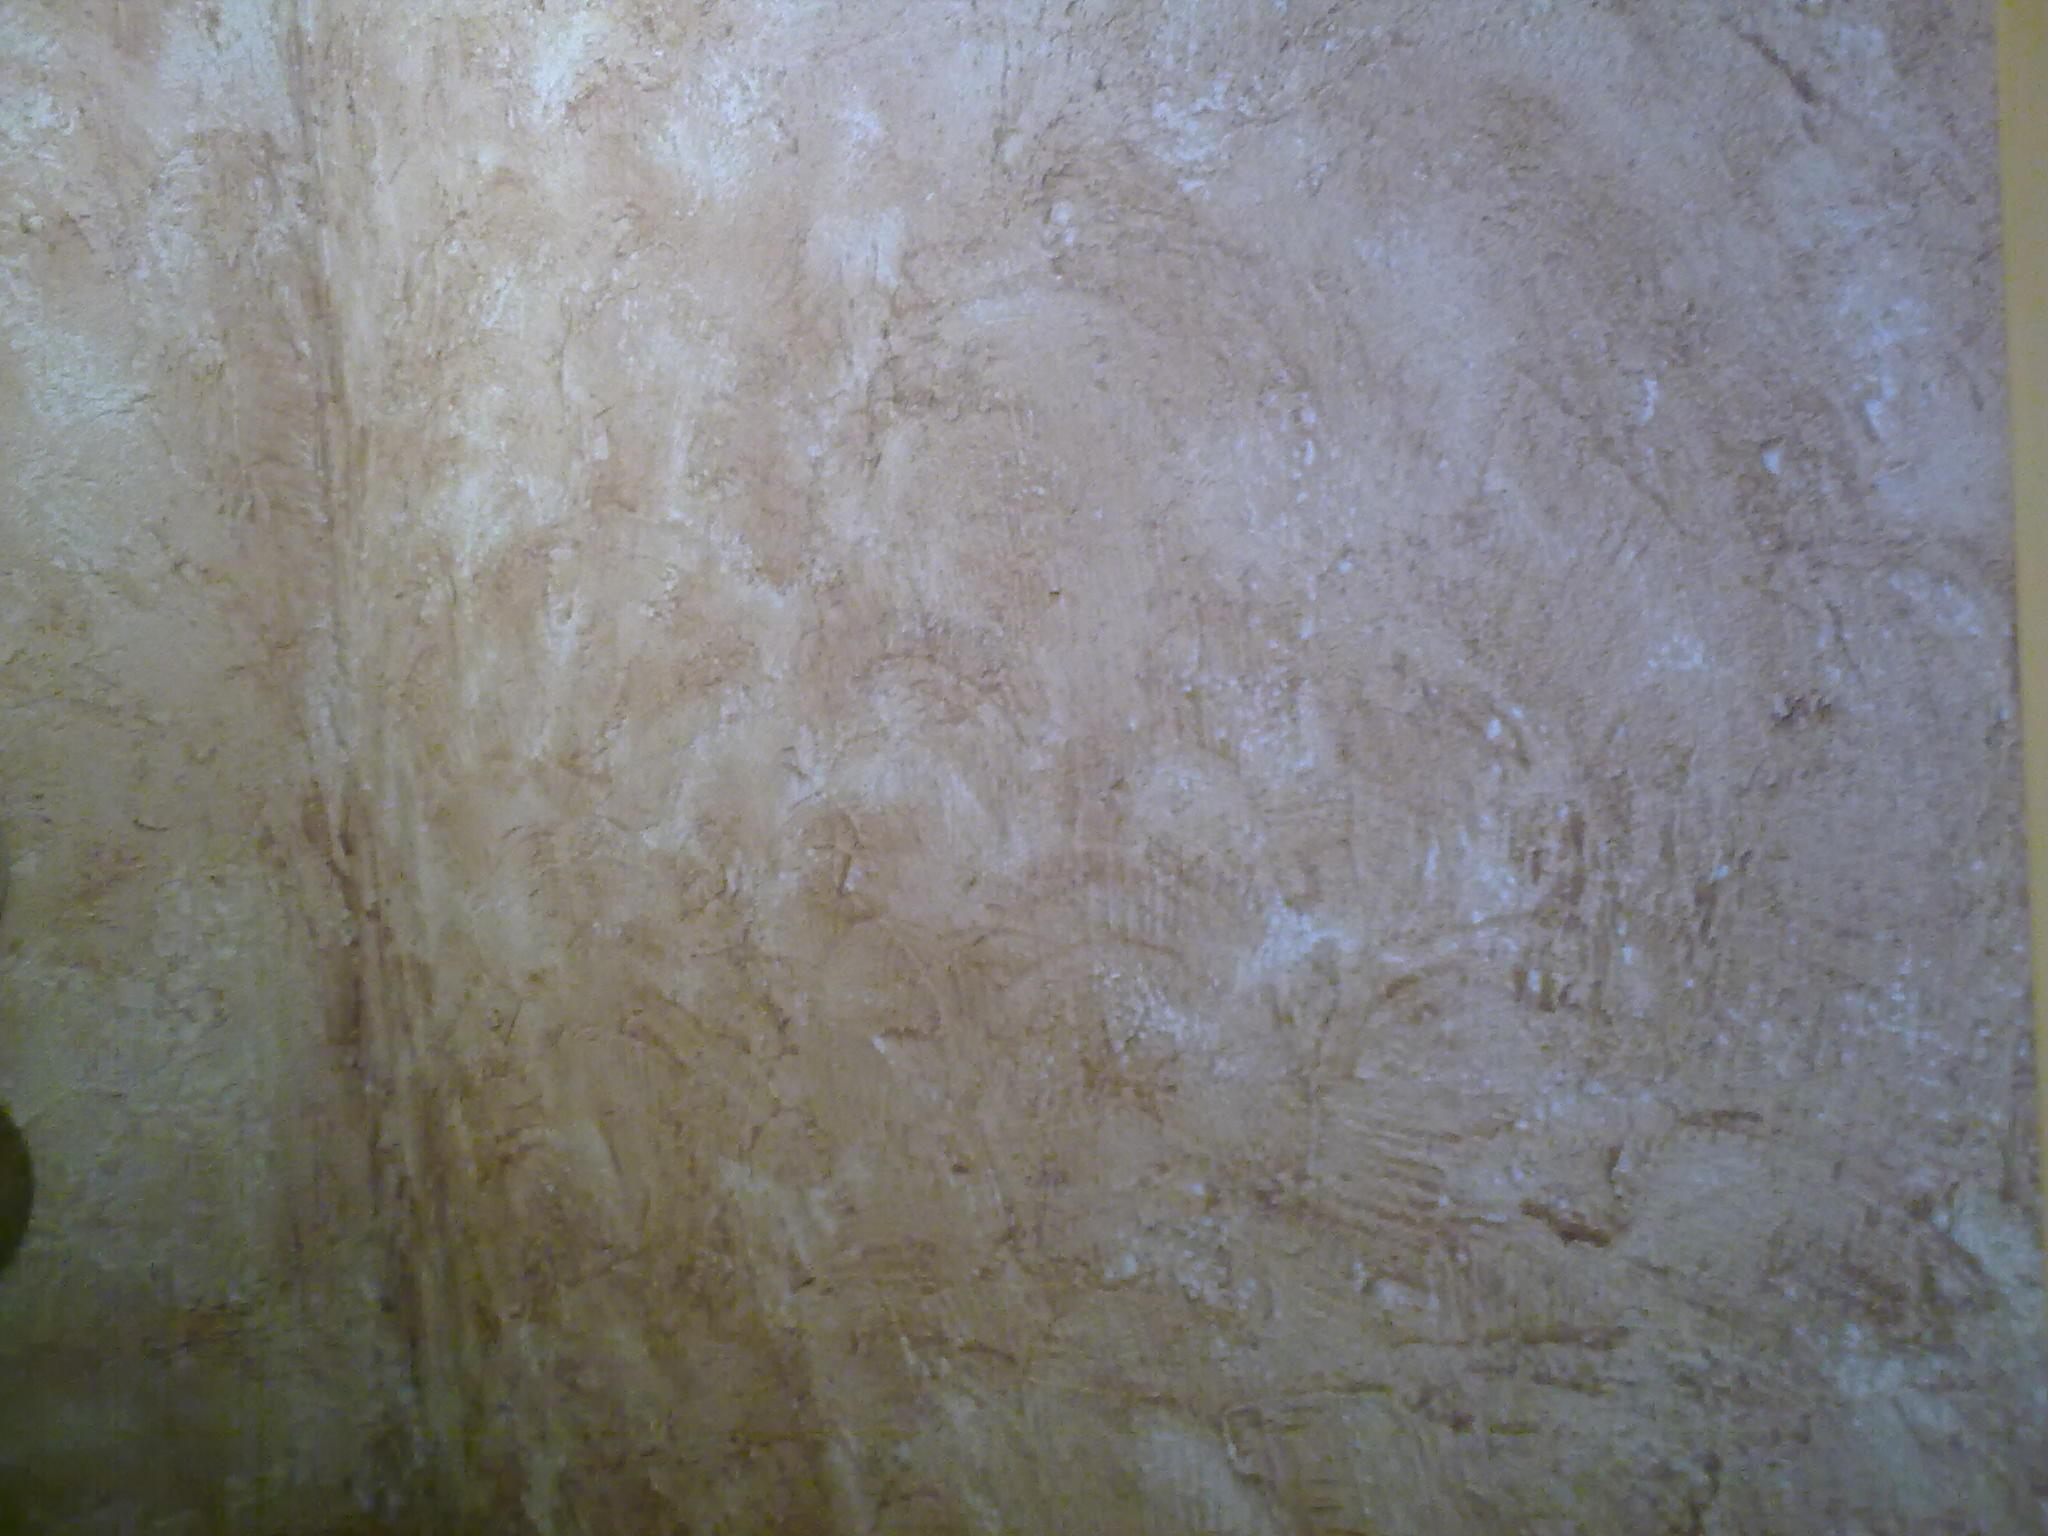 Comment peindre ce mur for Peindre mur platre ancien